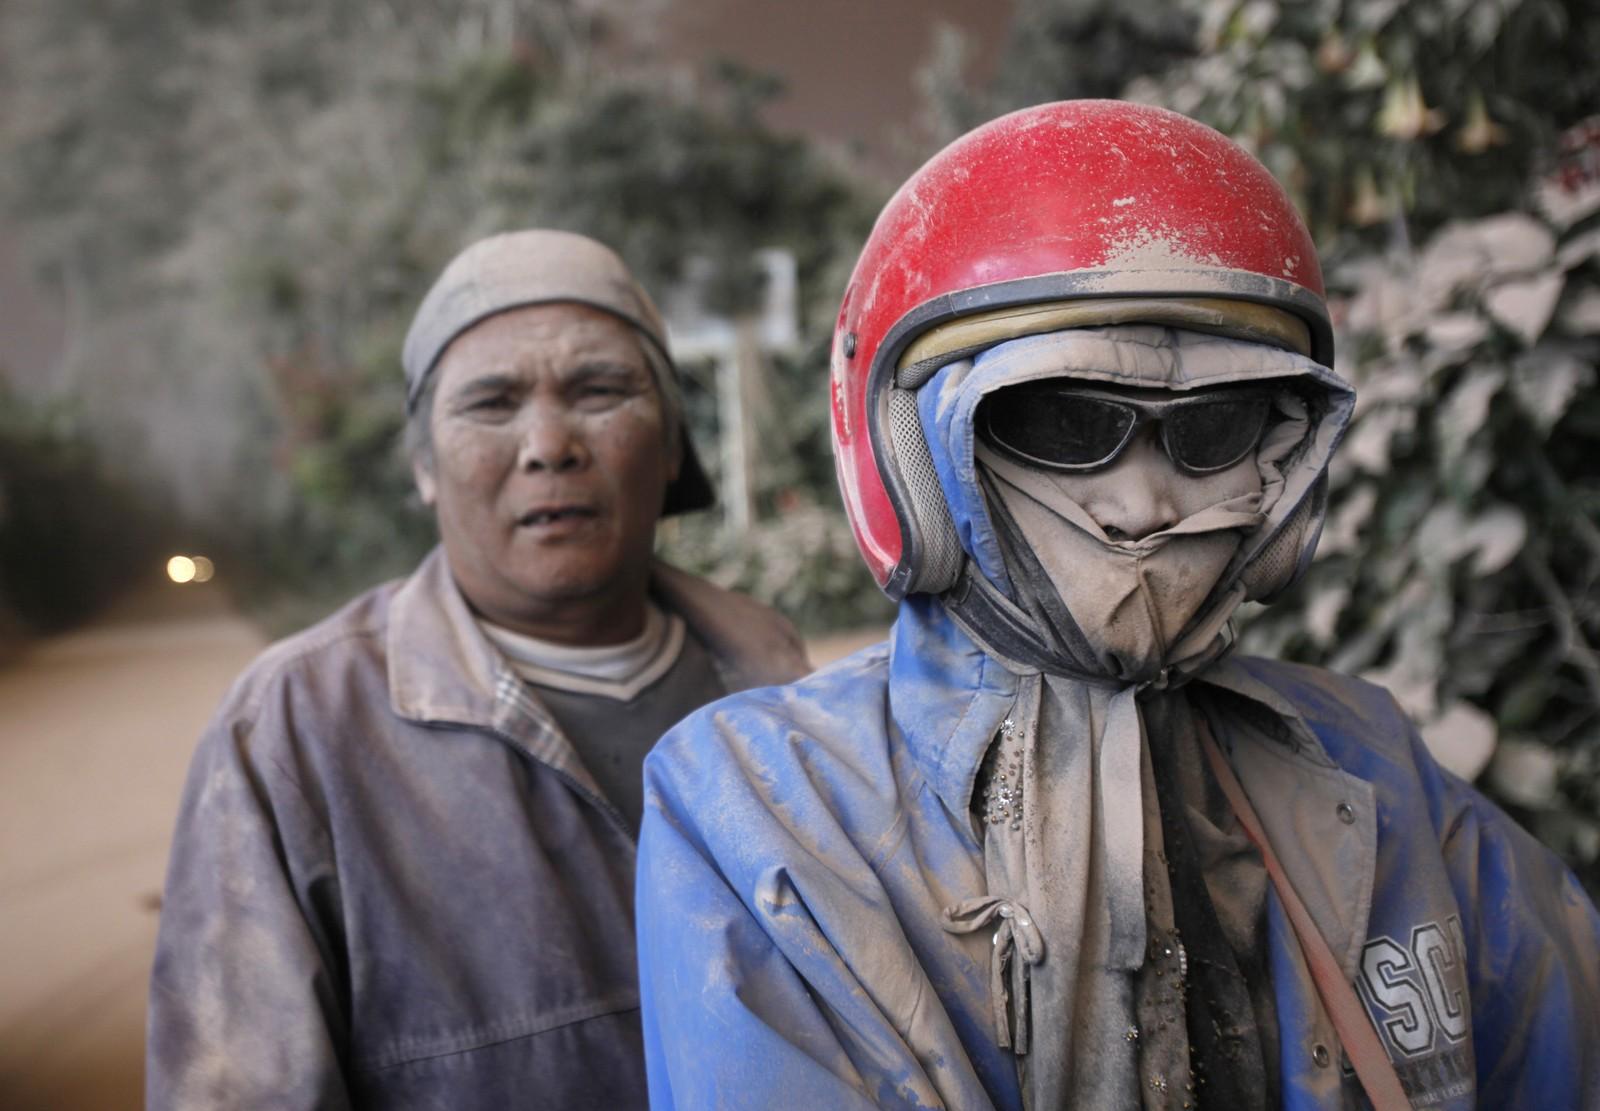 Mopedister etter møte med vulkanasken.